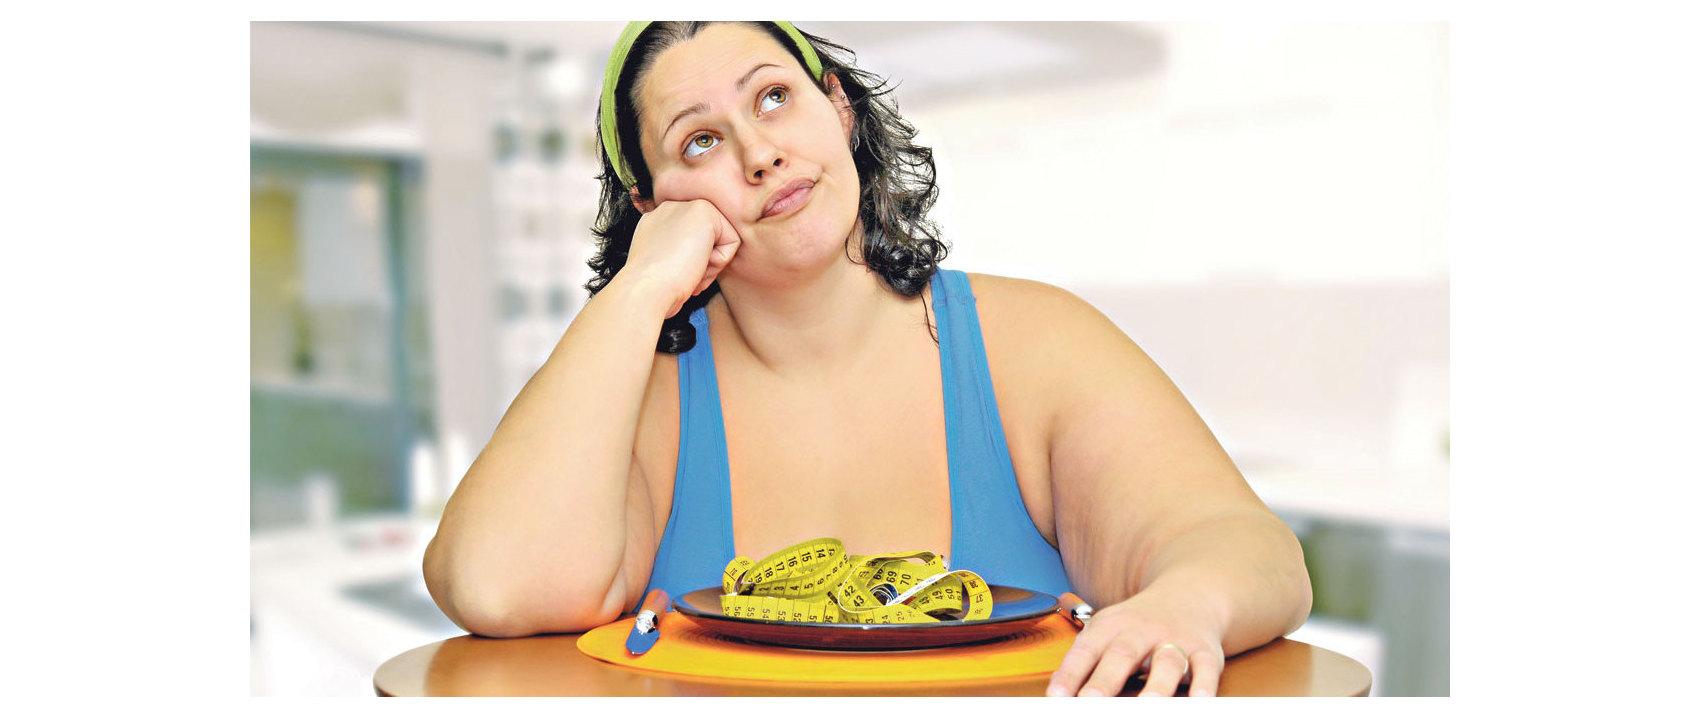 Налог на лишний вес человека в россии: планируют ли его вводить, подробности, какой вес будет считаться лишним?